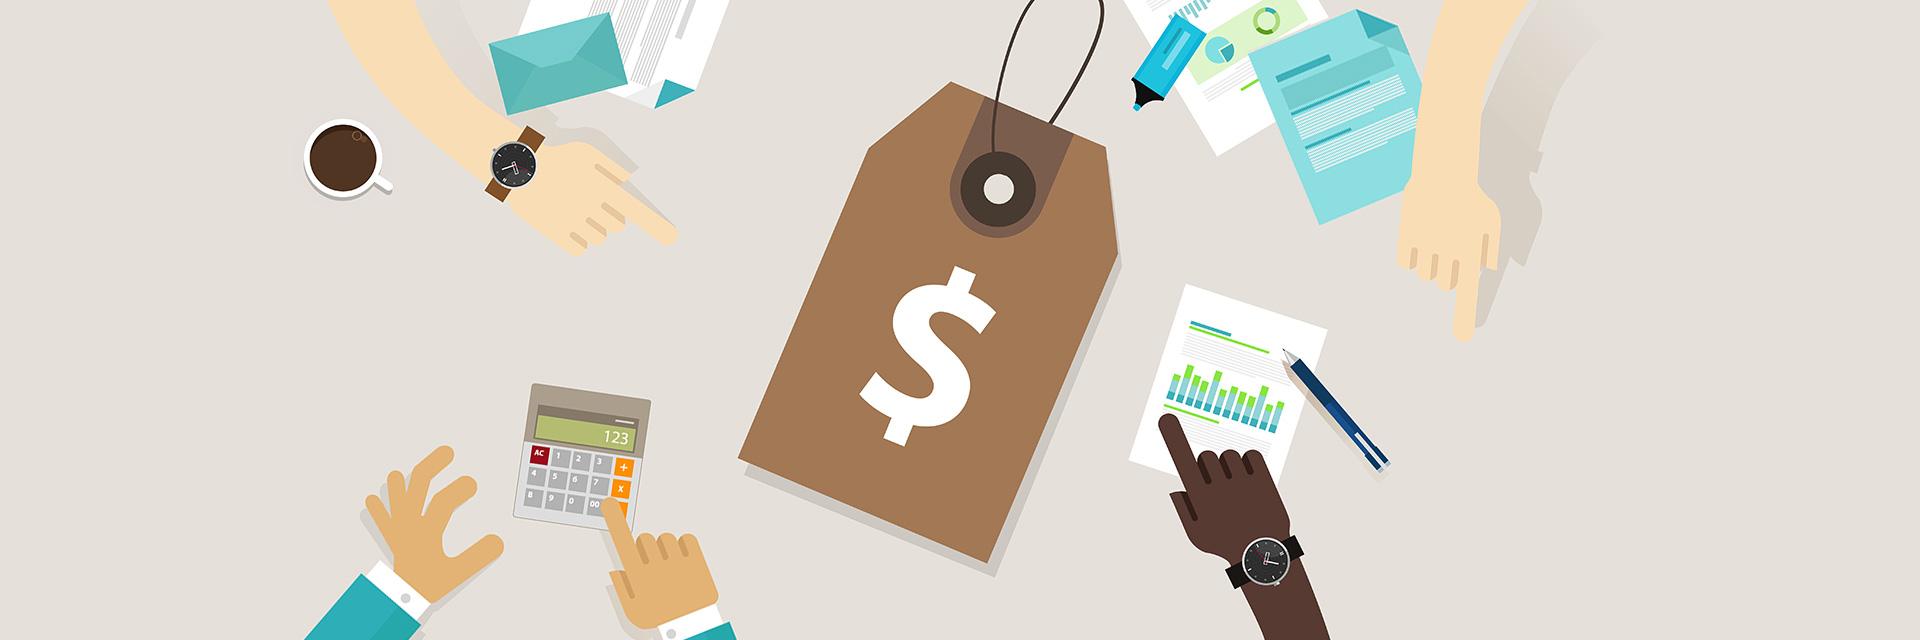 这5种在外贸邮件中回复客户报价问题方式可以加速成交